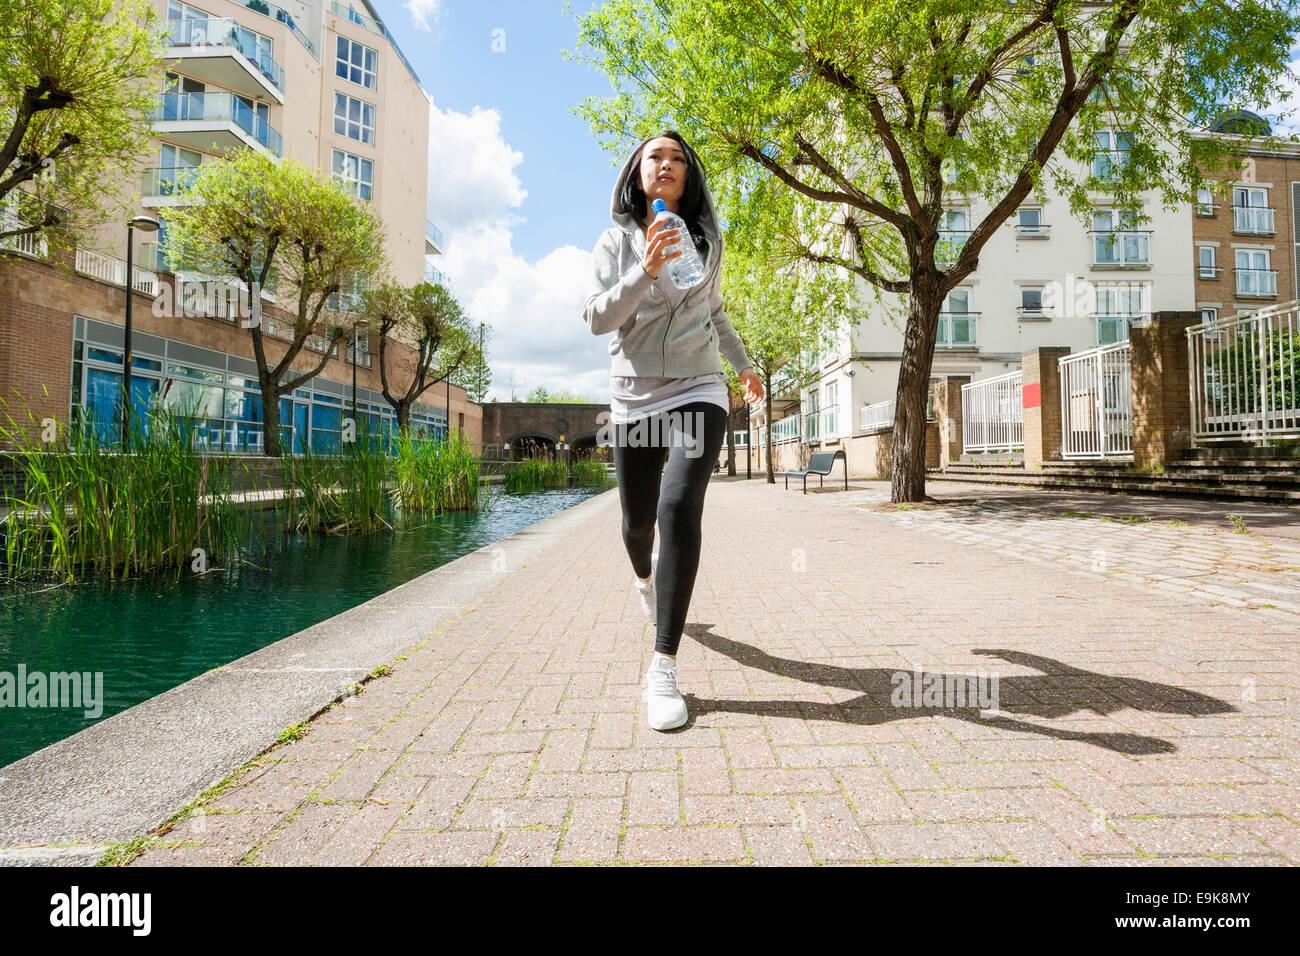 Voller Länge Fit jungen Frau joggen durch Kanal gegen Gebäude Stockbild